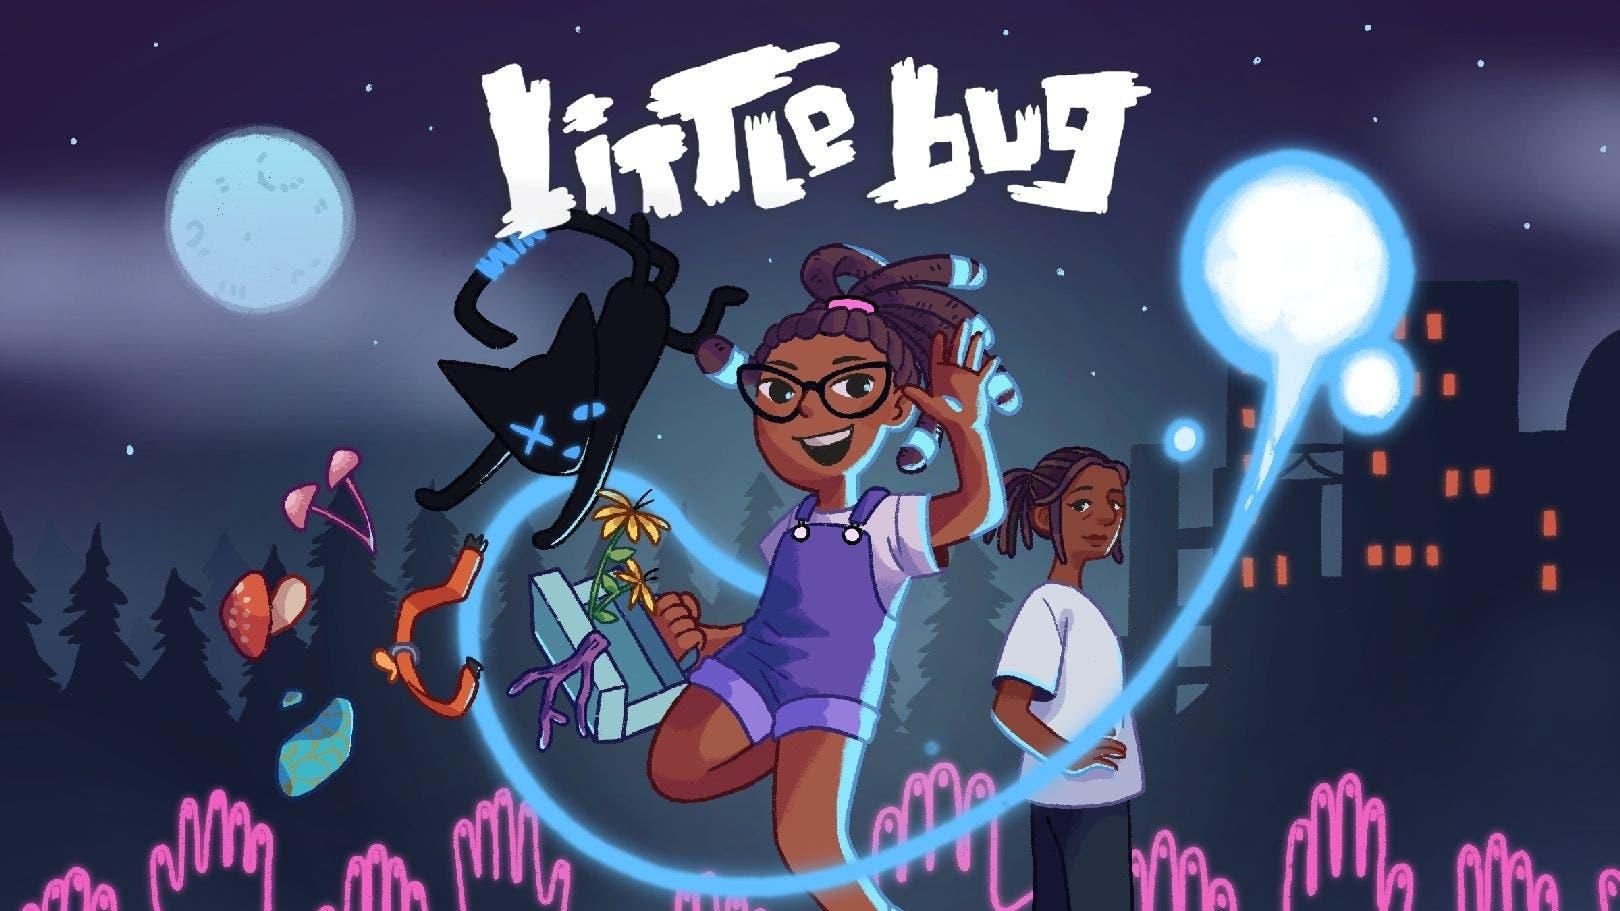 Little Bug llegará a finales de año a Nintendo Switch